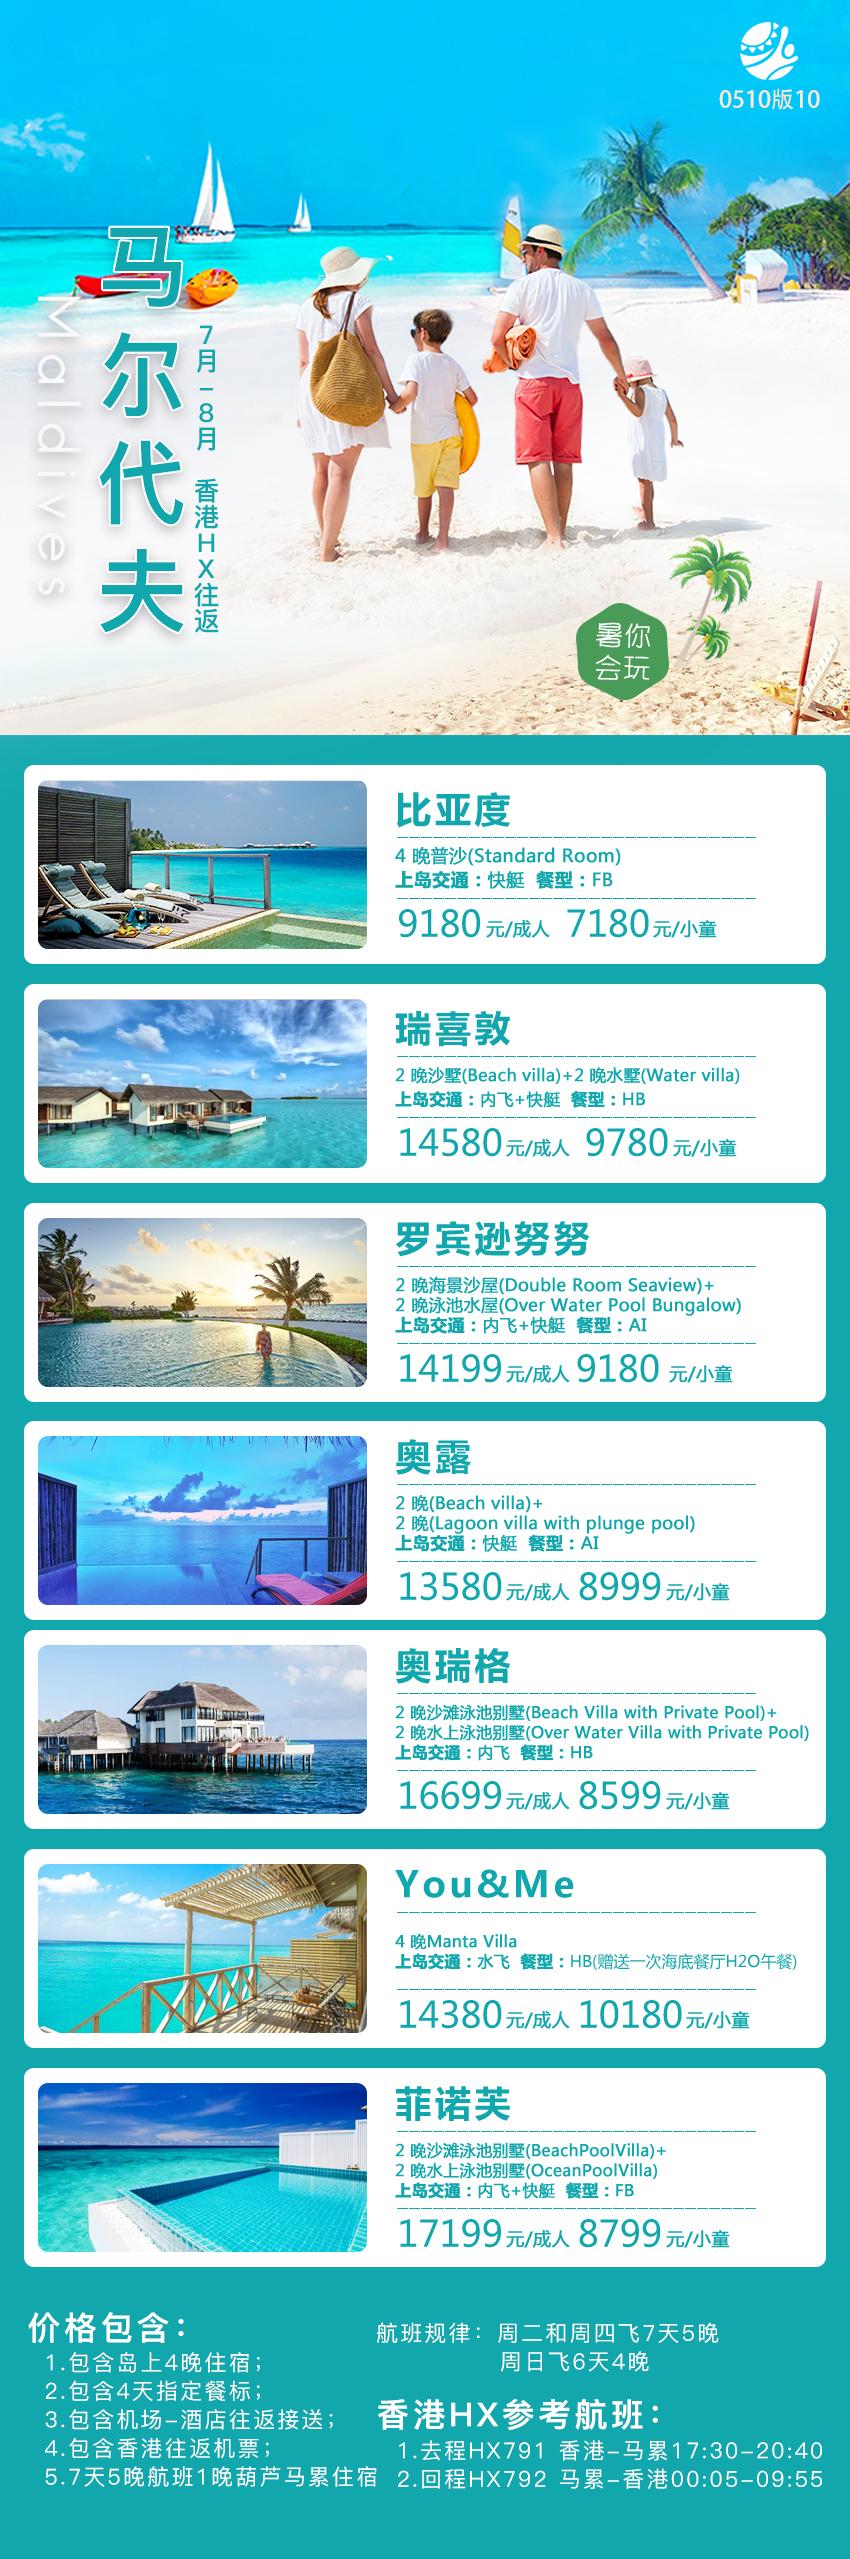 马代暑假香港HX.jpg